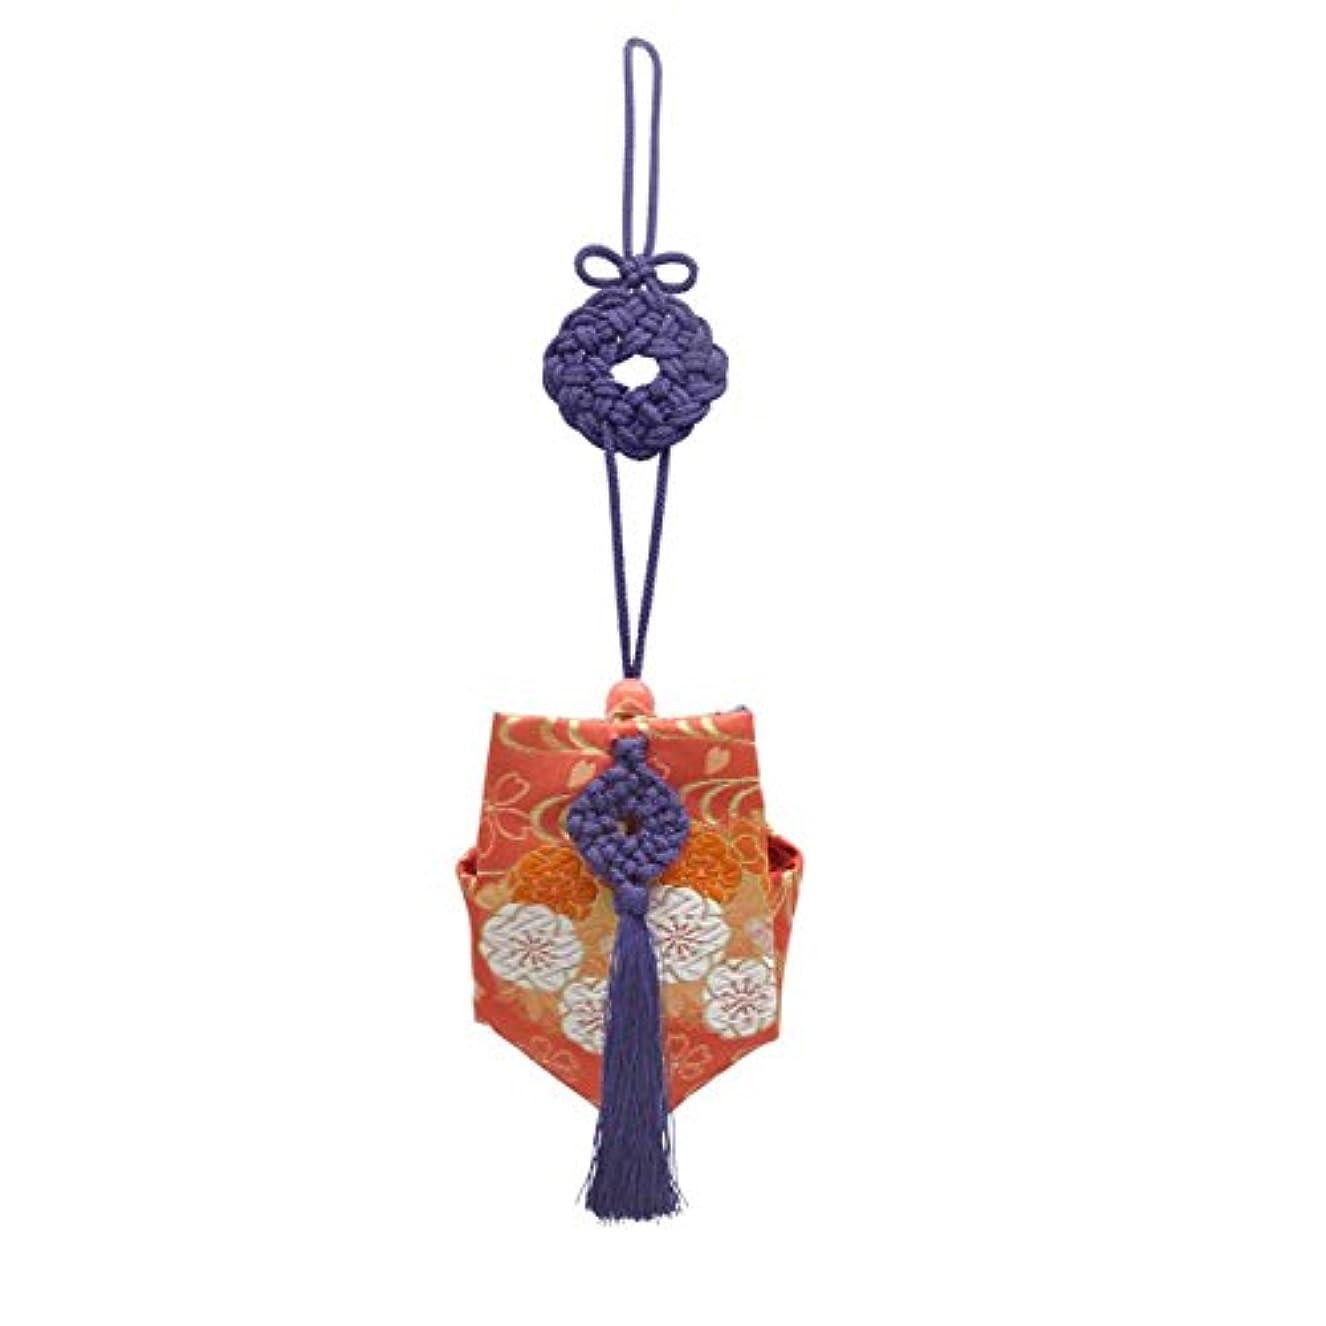 つぶやき分布一握り訶梨勒 上品 紙箱入 紫紐/花紋